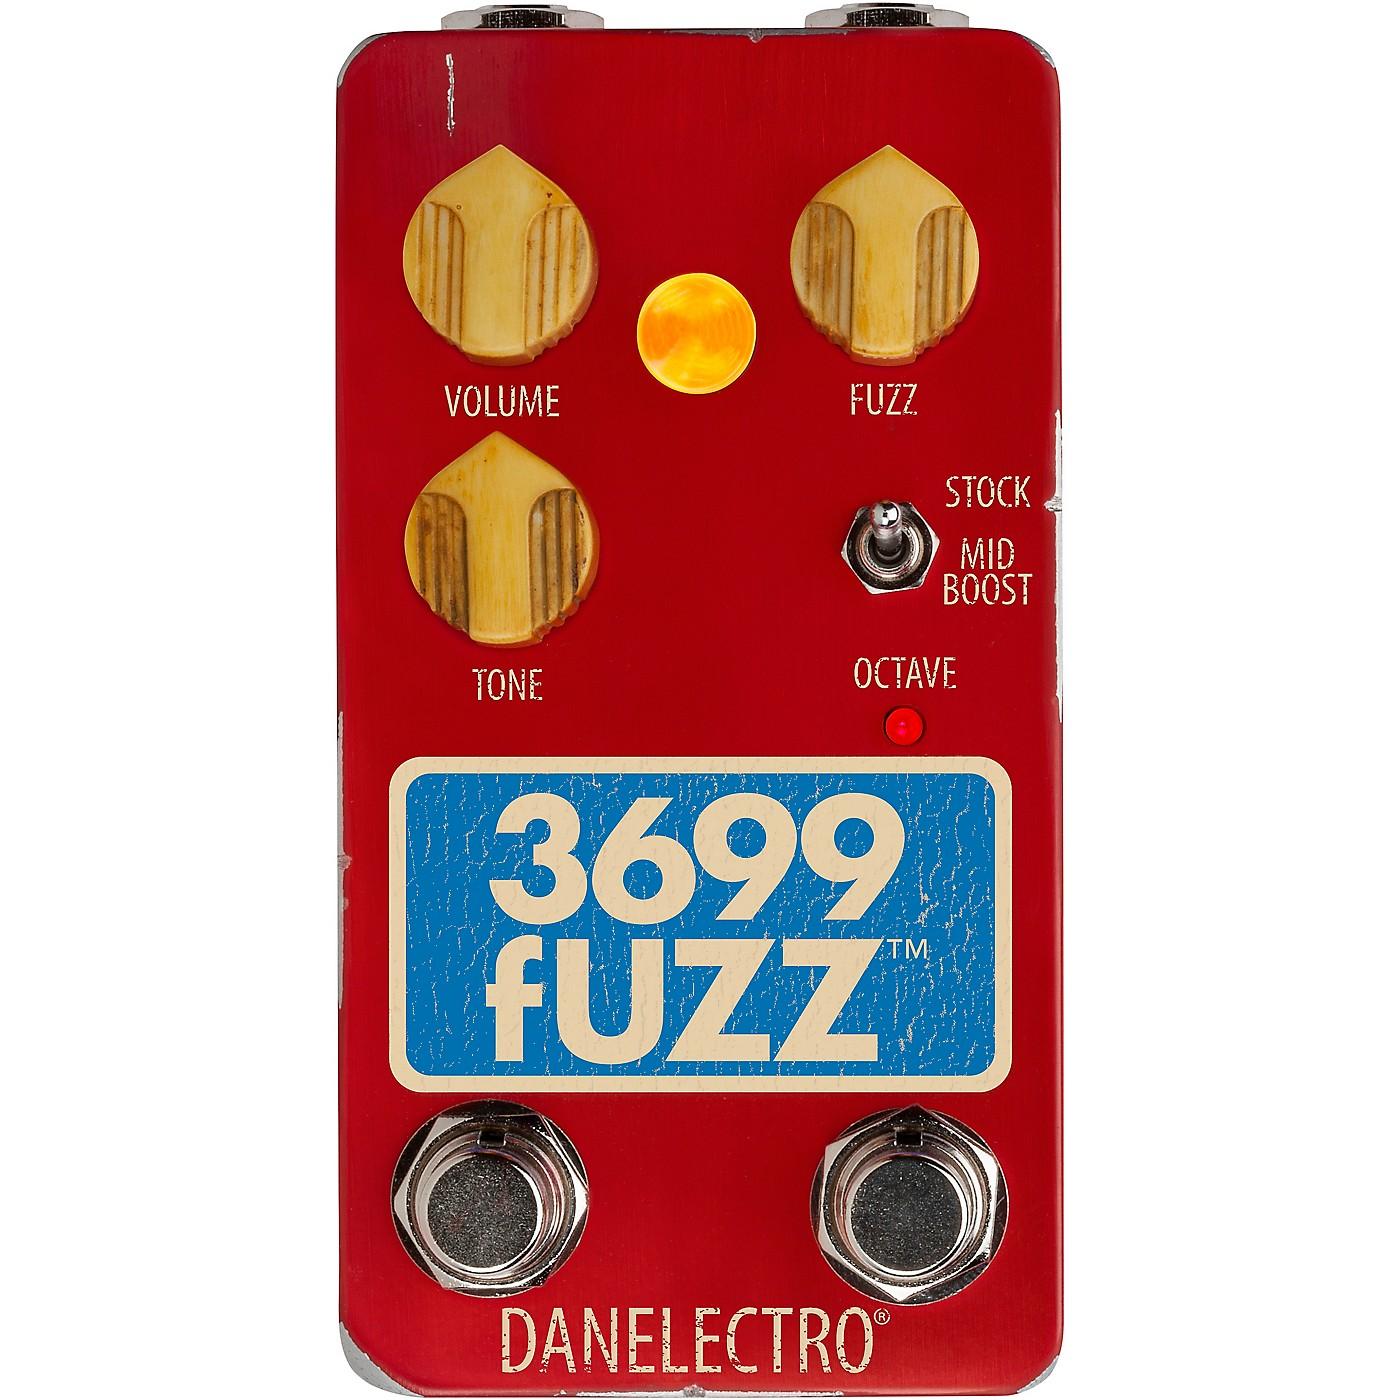 Danelectro 3699 Fuzz Effects Pedal thumbnail